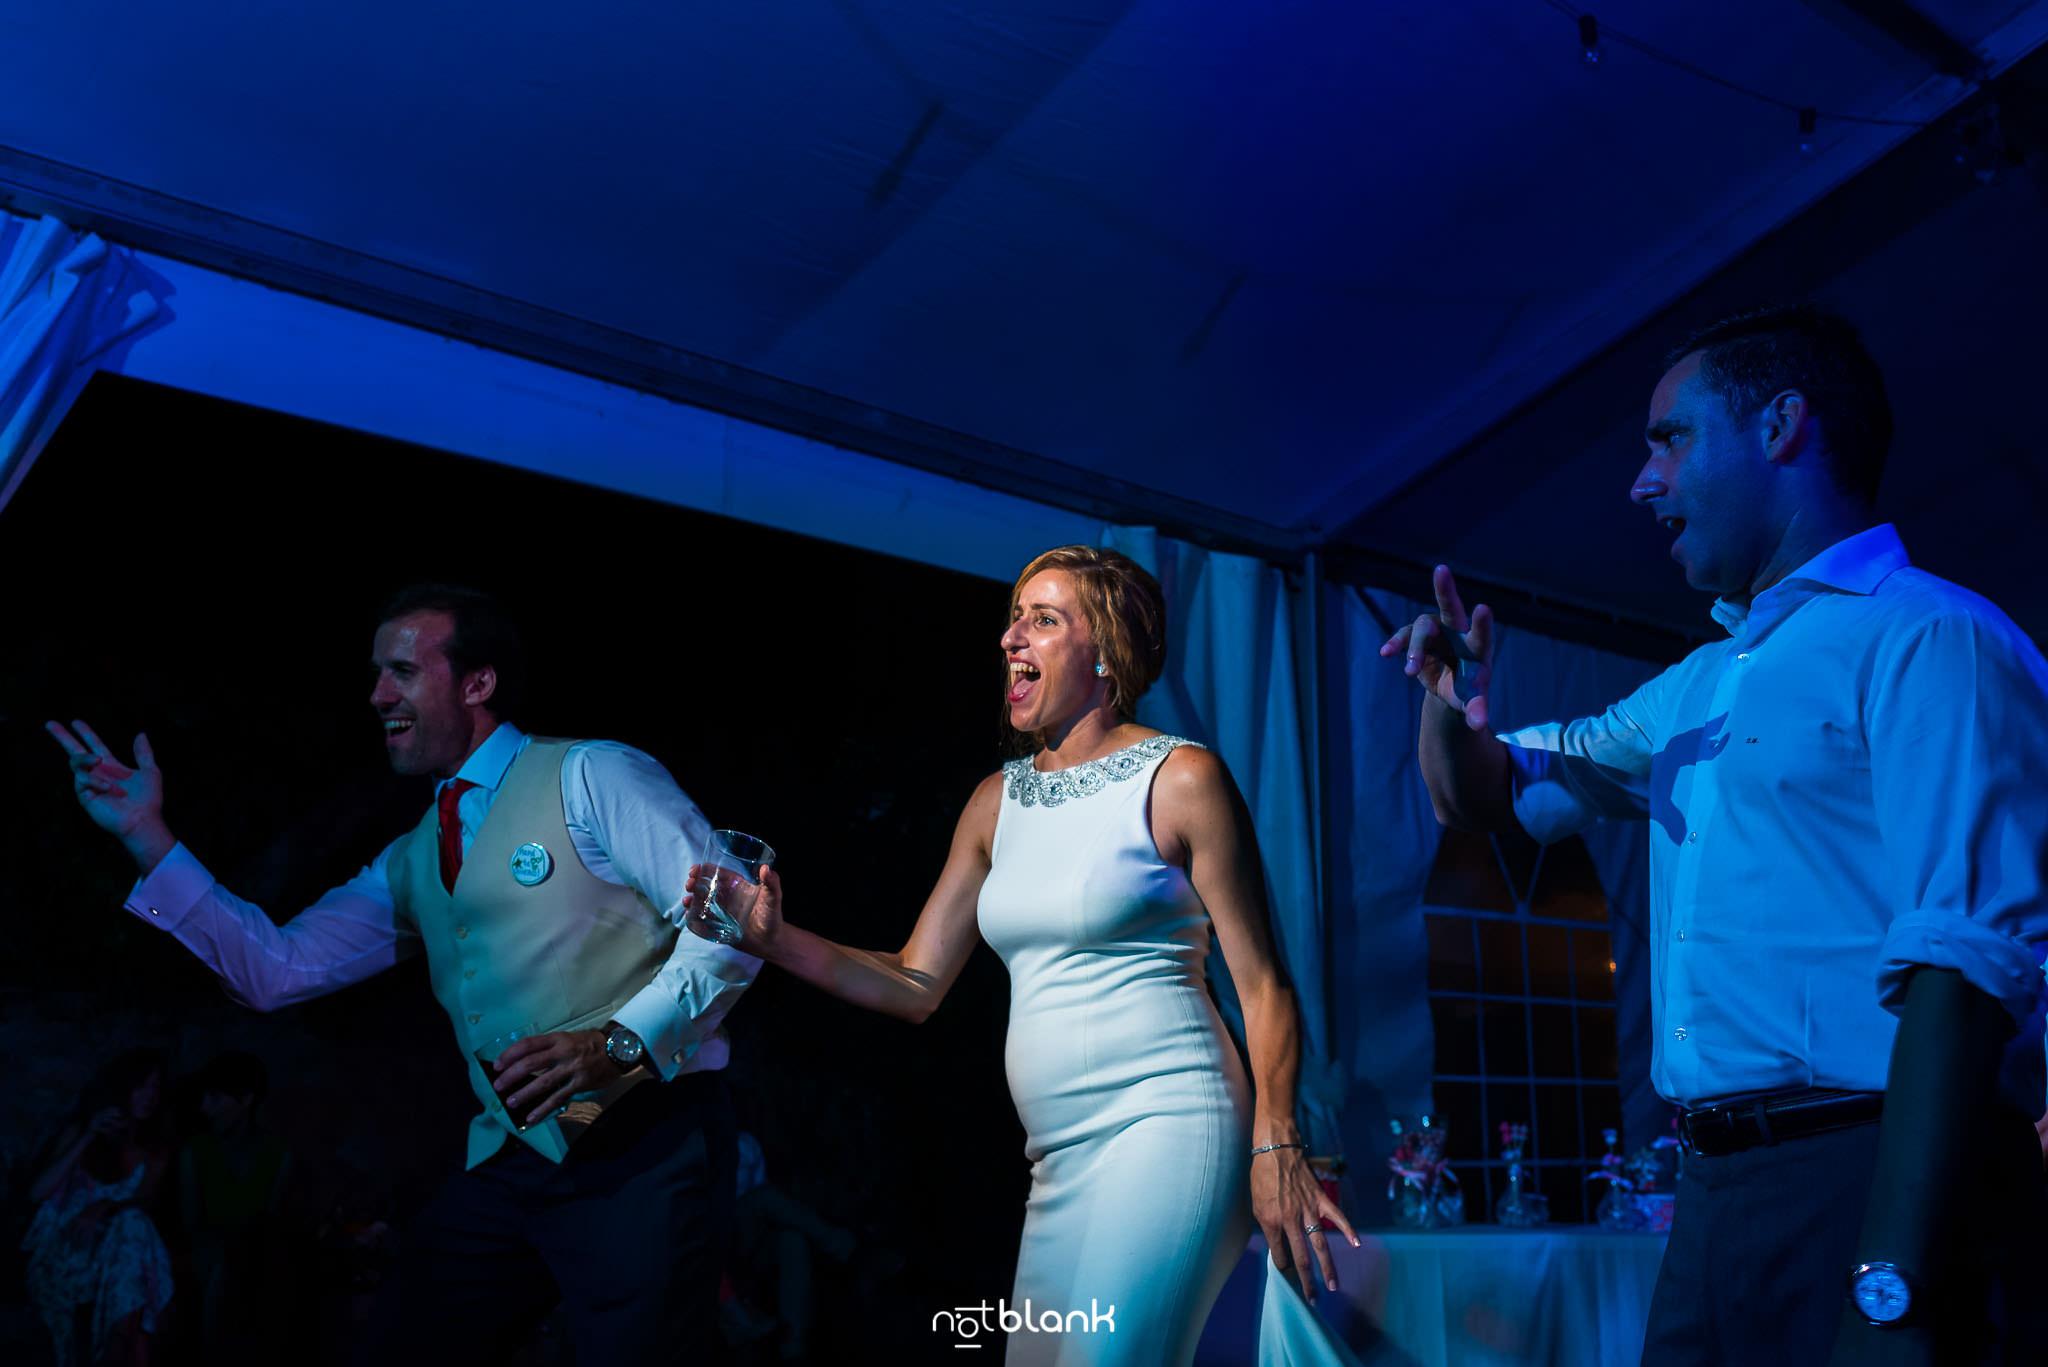 Boda En El Jardin De Casa Jana y Fran - Los novios bailan durante la fiesta - Notblank Fotografos de boda